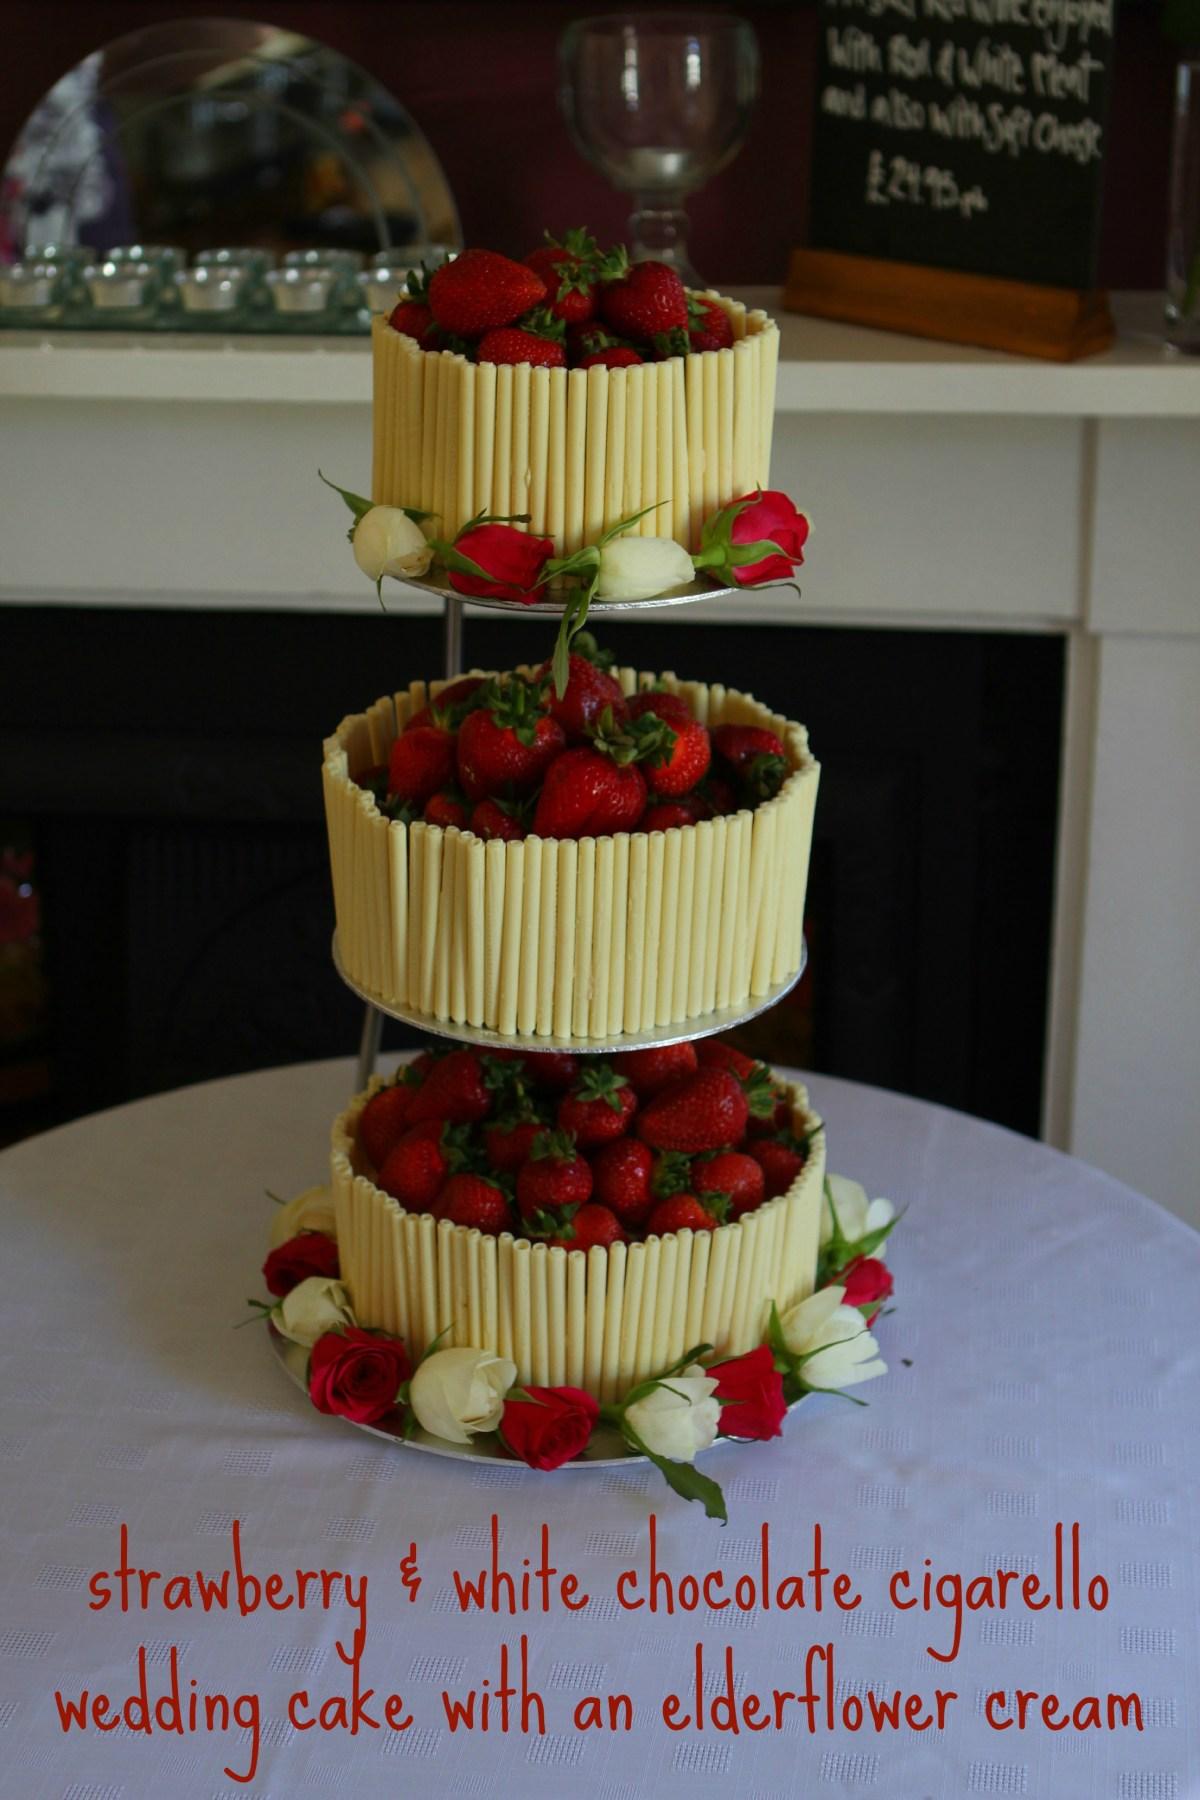 weddingcakebadge